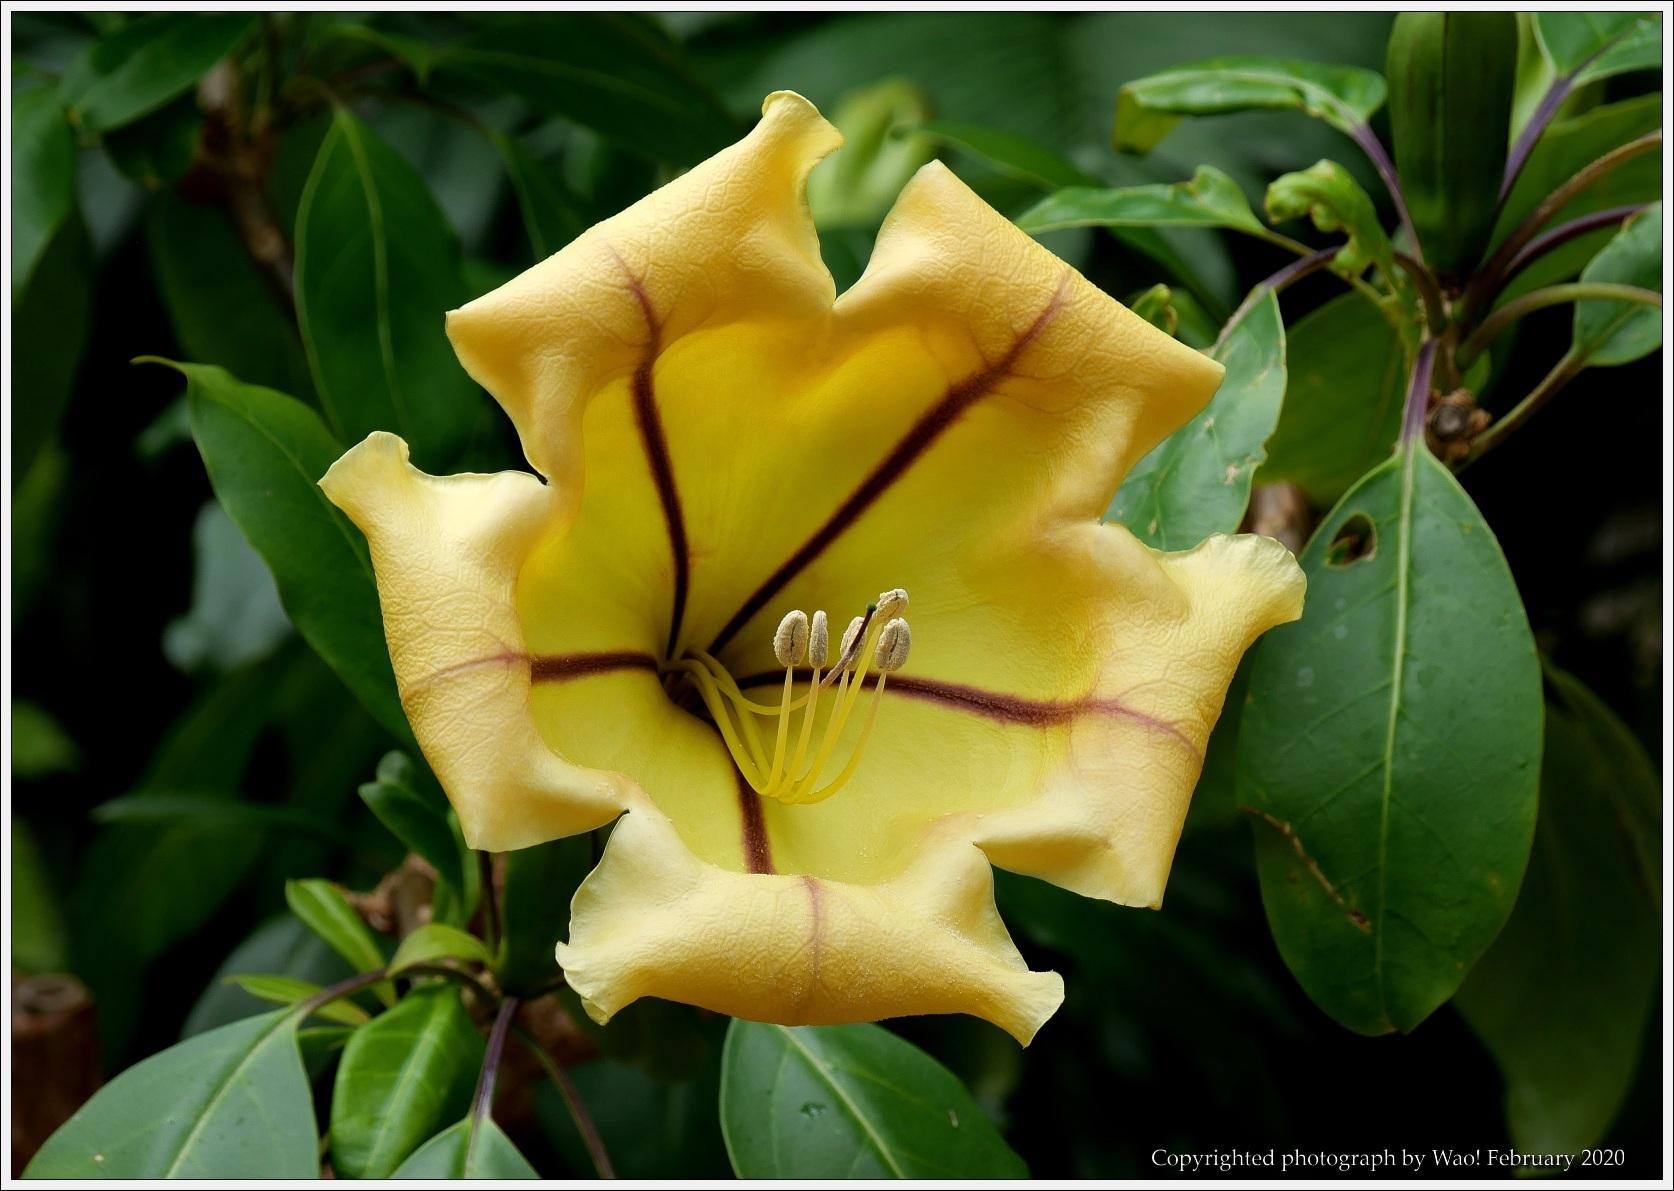 冬のバラと温室の花と蝶_c0198669_14045825.jpg